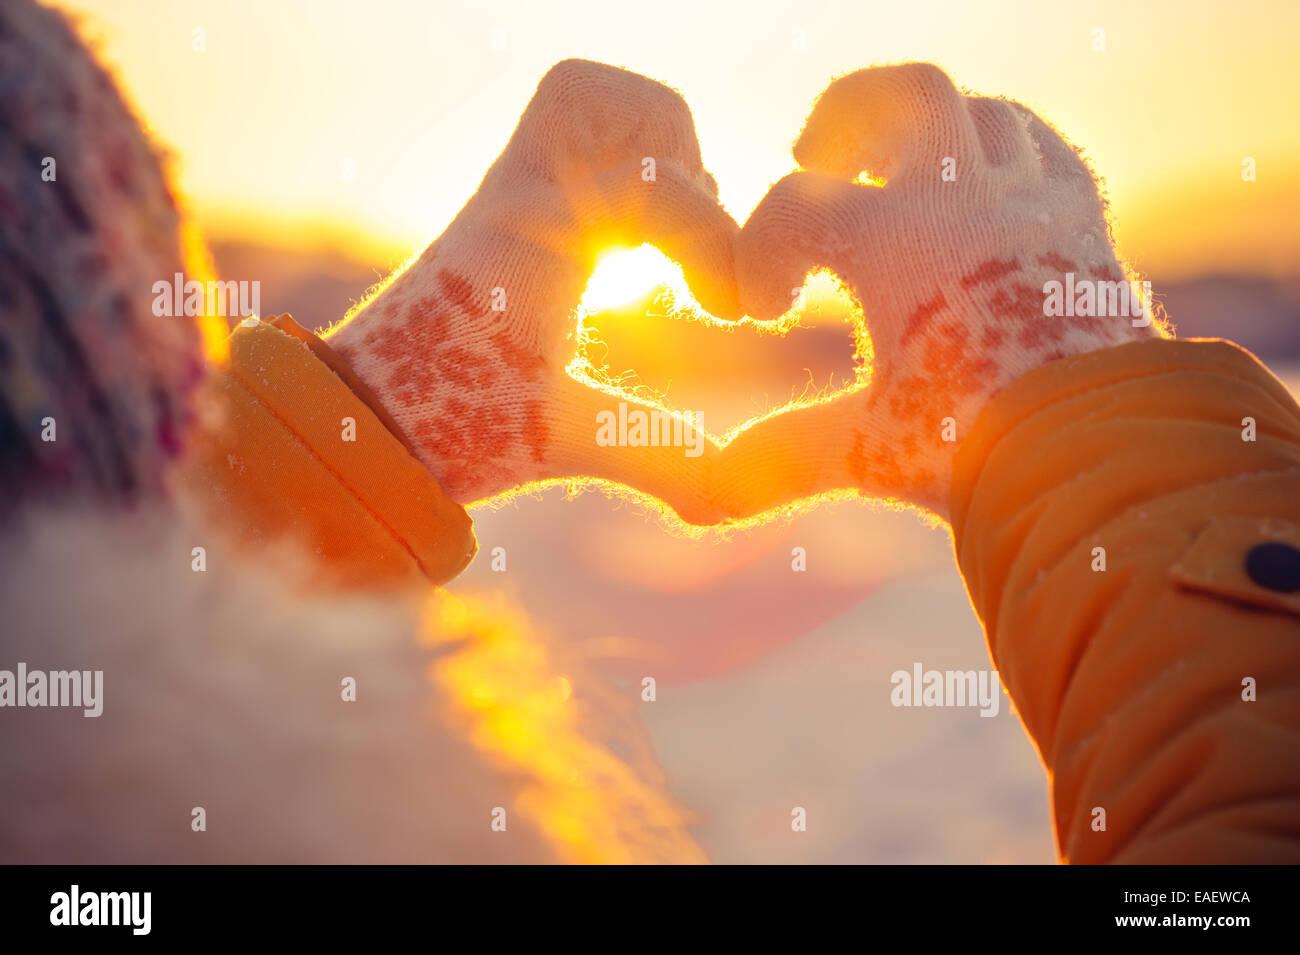 Mujer de manos en guantes de invierno símbolo del corazón sentimientos y estilo de vida en forma de concepto Imagen De Stock